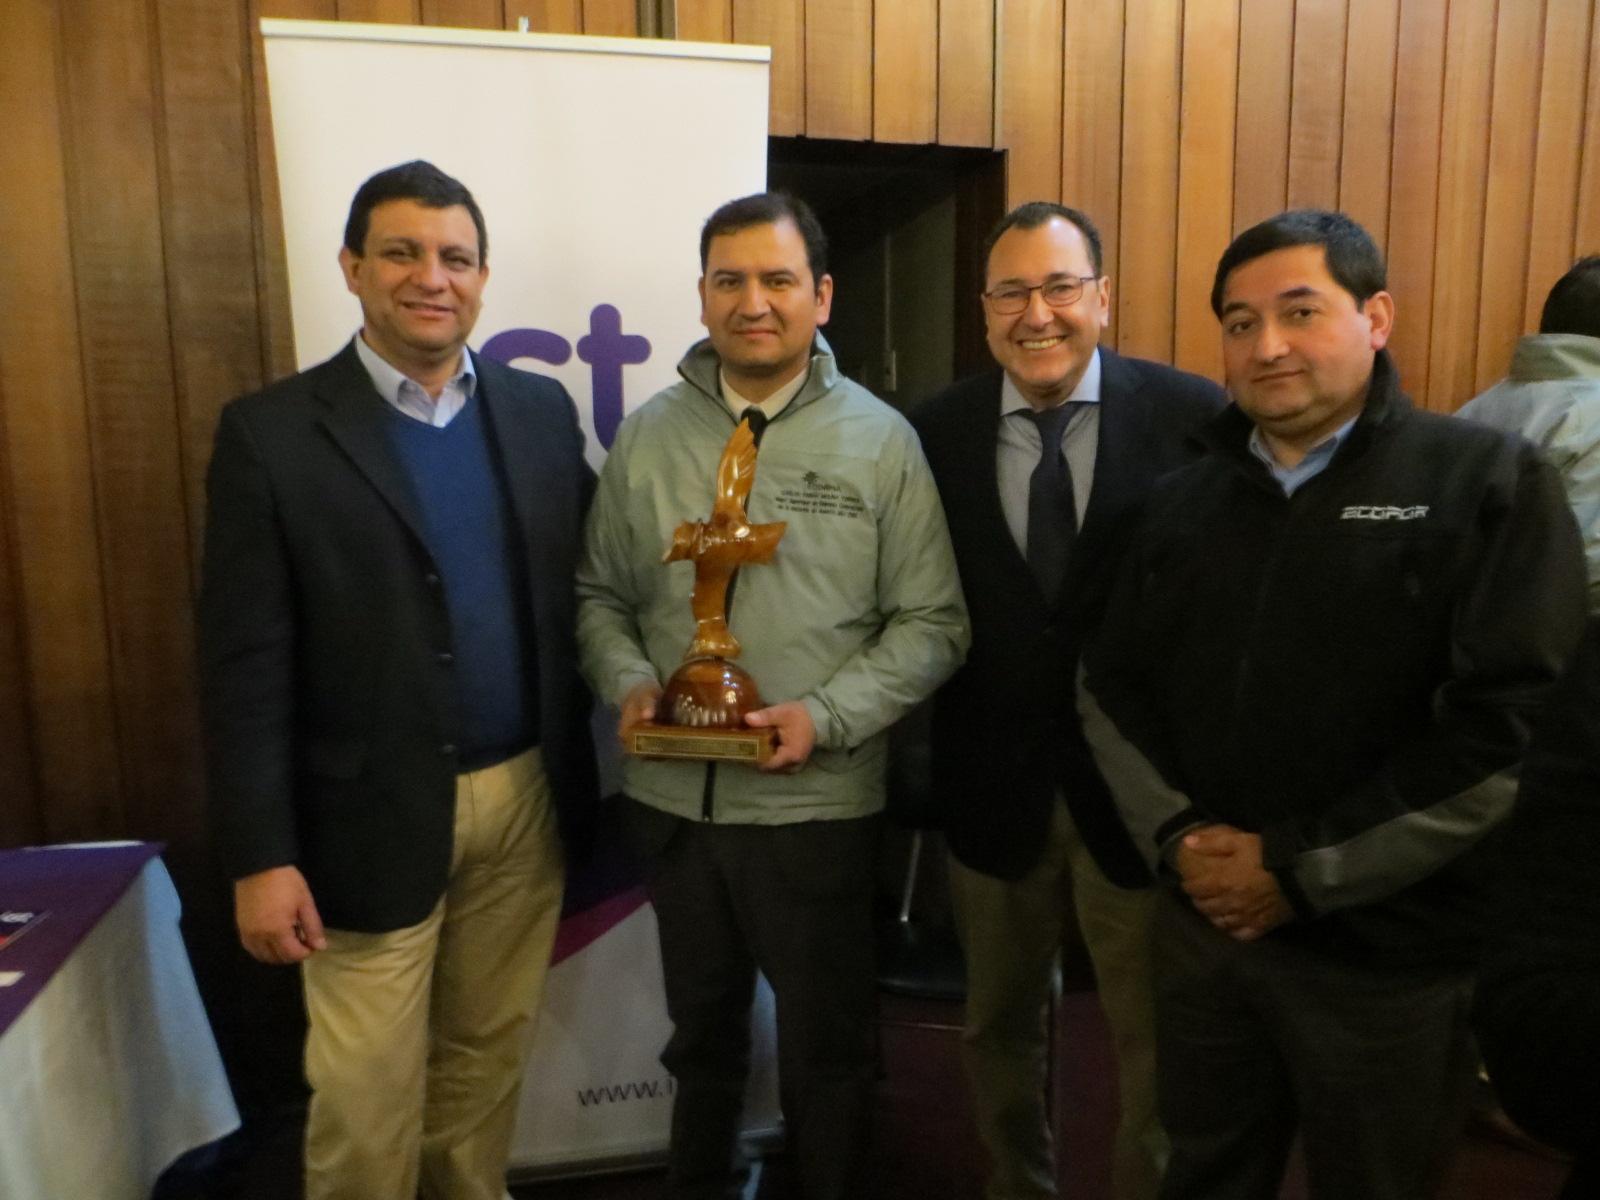 Empresas adherentes fueron distinguidas en premiación CORMA 2017